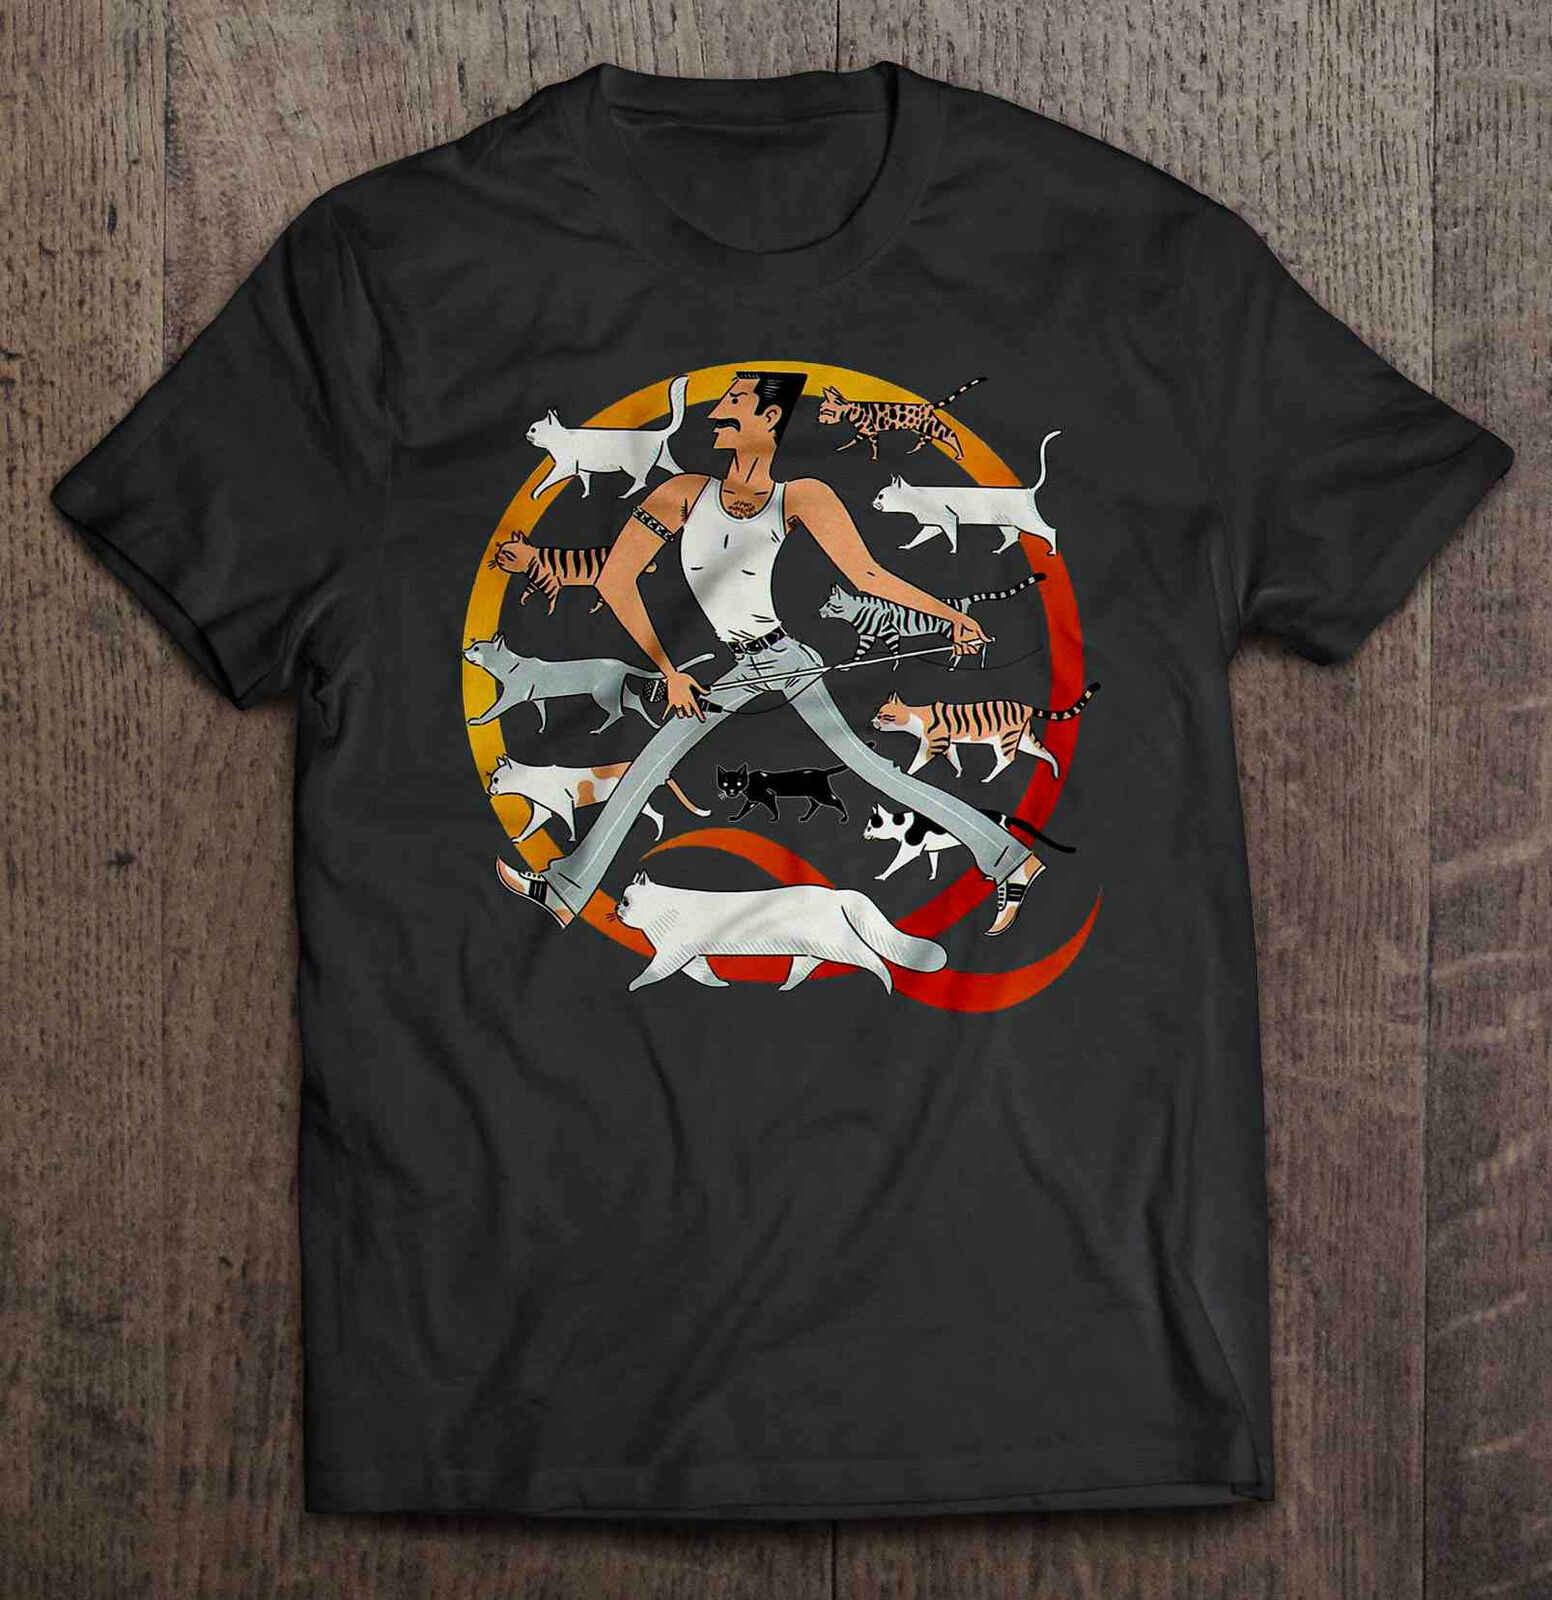 フレディマーキュリー 猫 シャツ